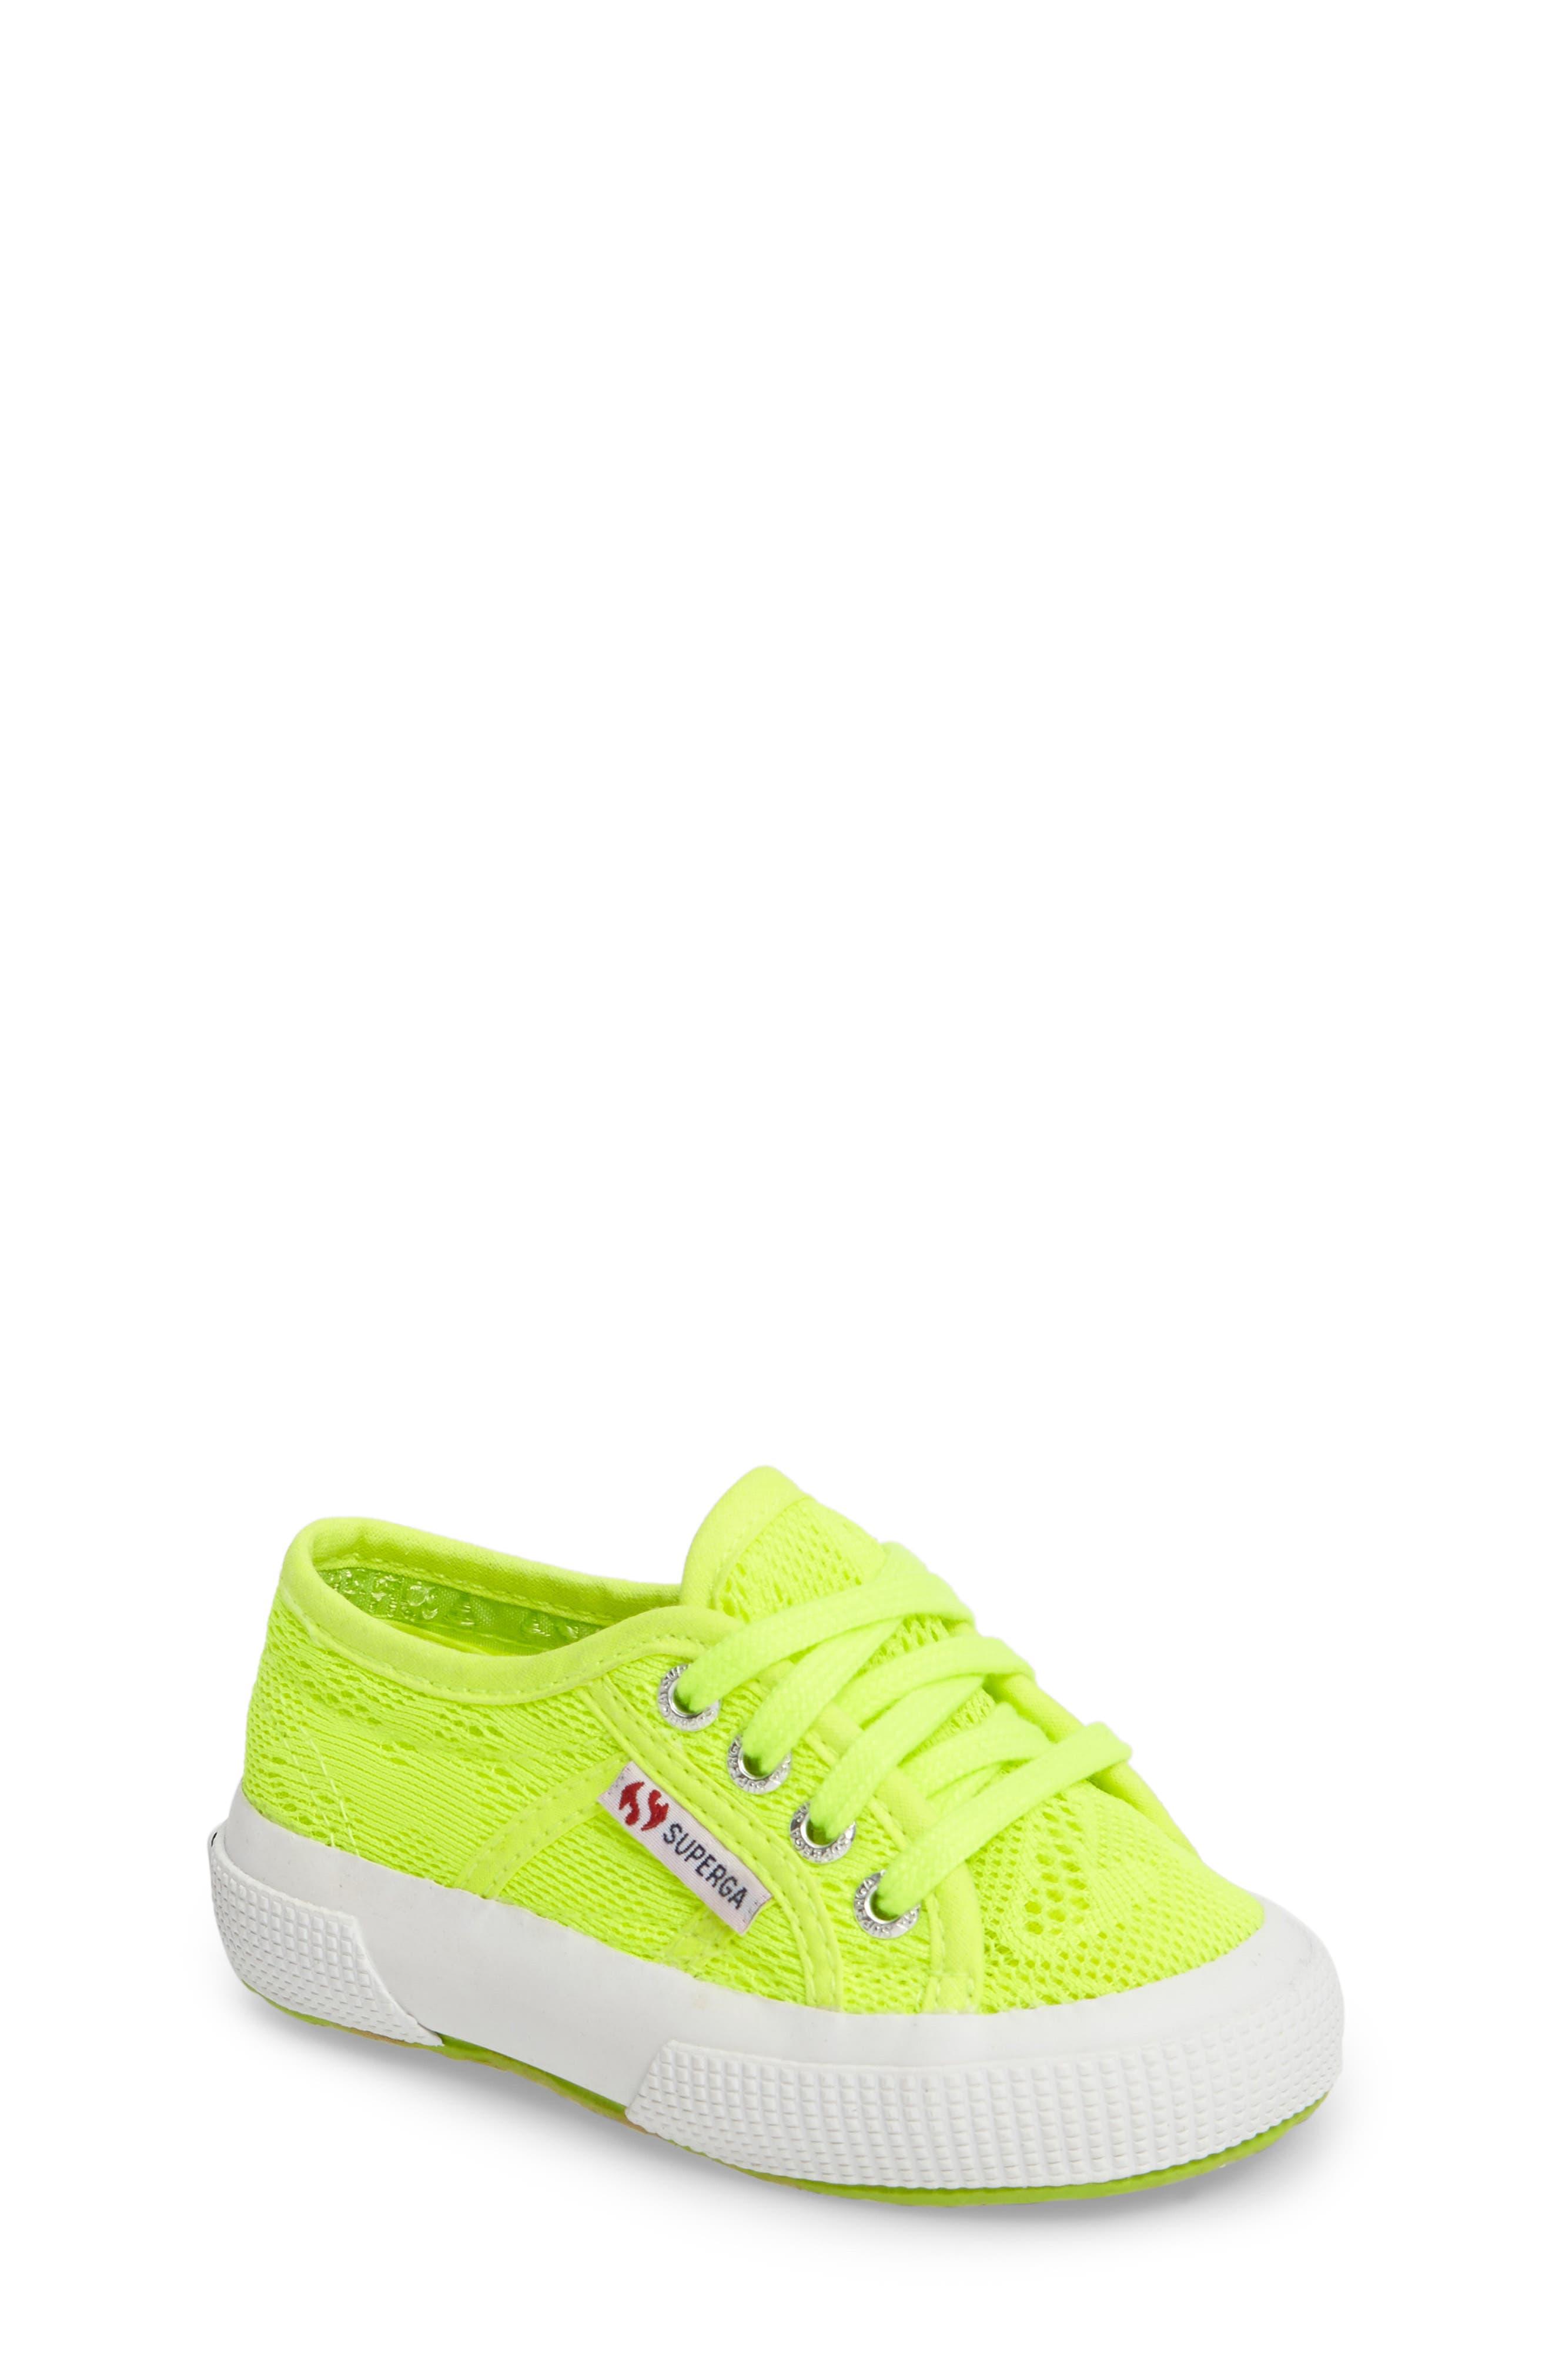 Superga Mesh Sneaker (Walker, Toddler & Little Kid)